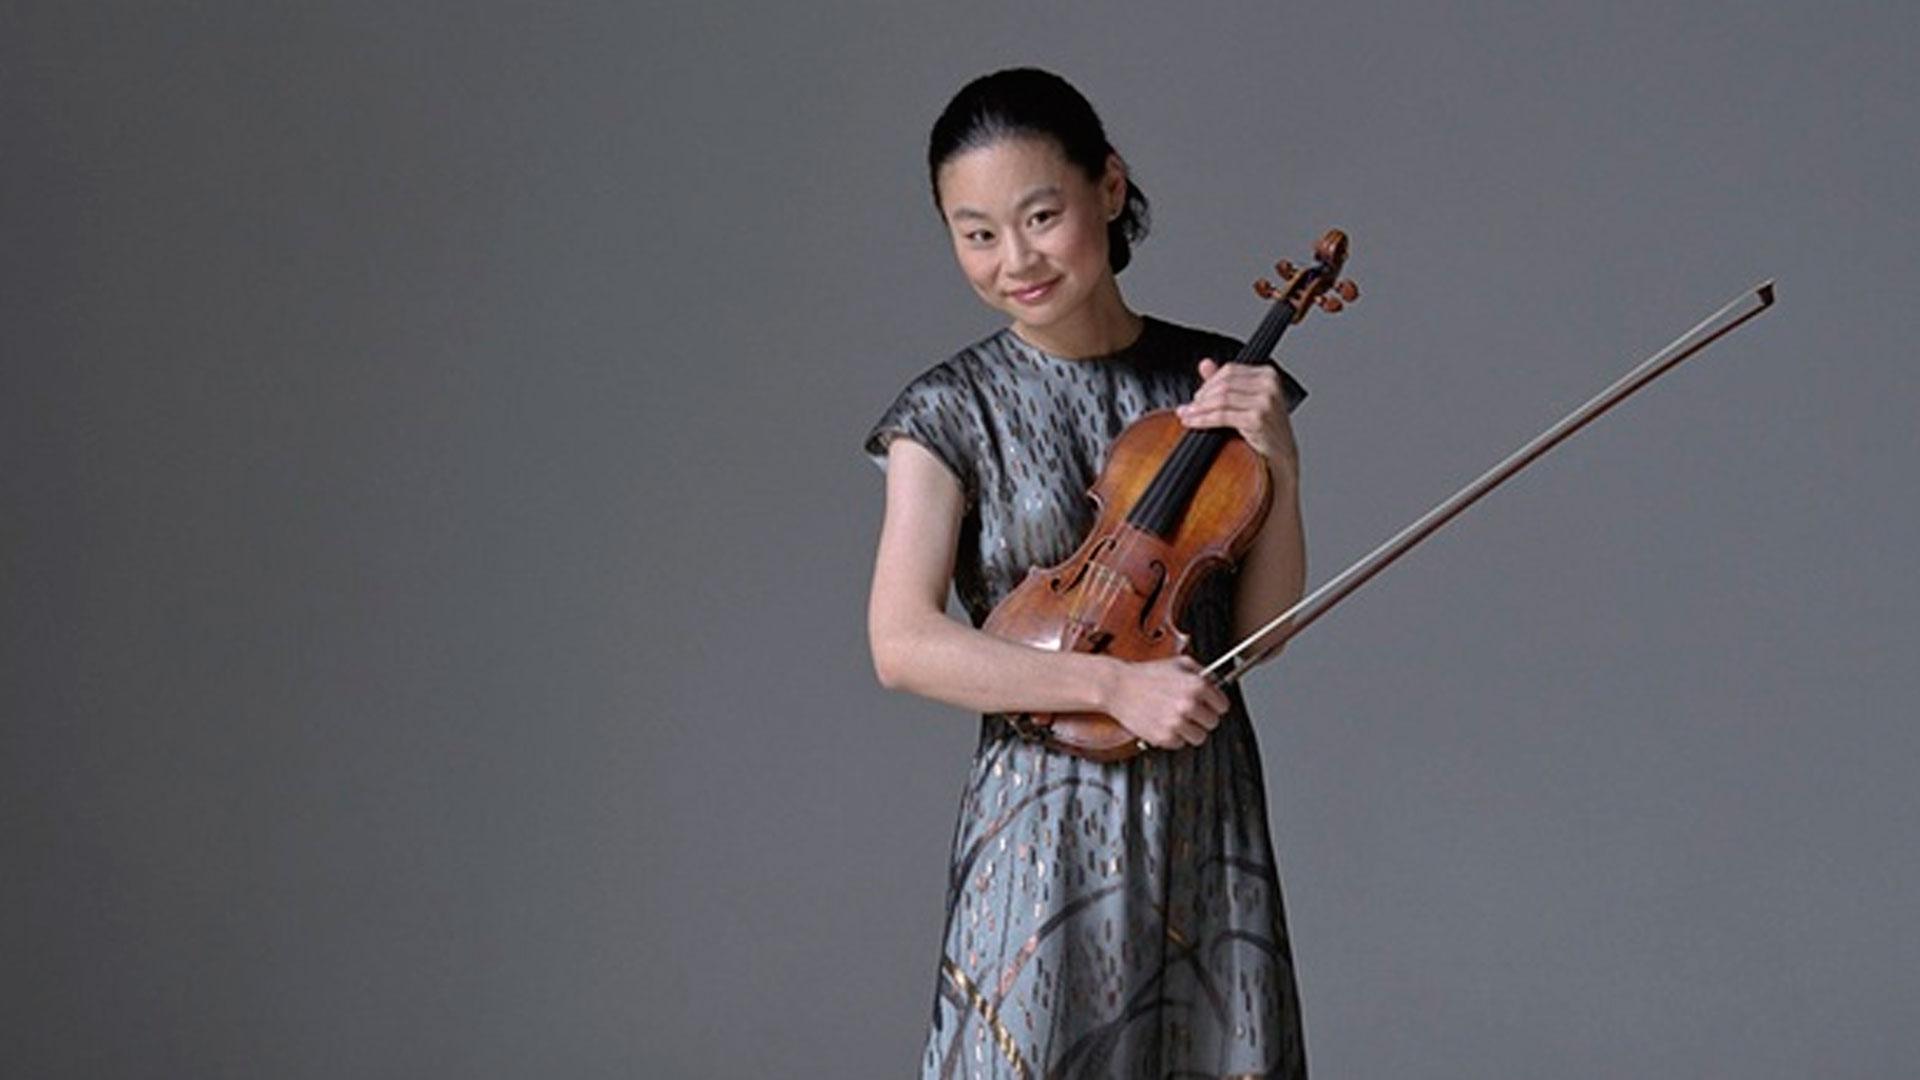 Fundación Repsol patrocina con la Sinfónica de Galicia la presentación en Coruña de Midori, el fenómeno del violín que inició su carrera internacional con Zubin Mehta y la Filarmónica de Nueva York a los once años